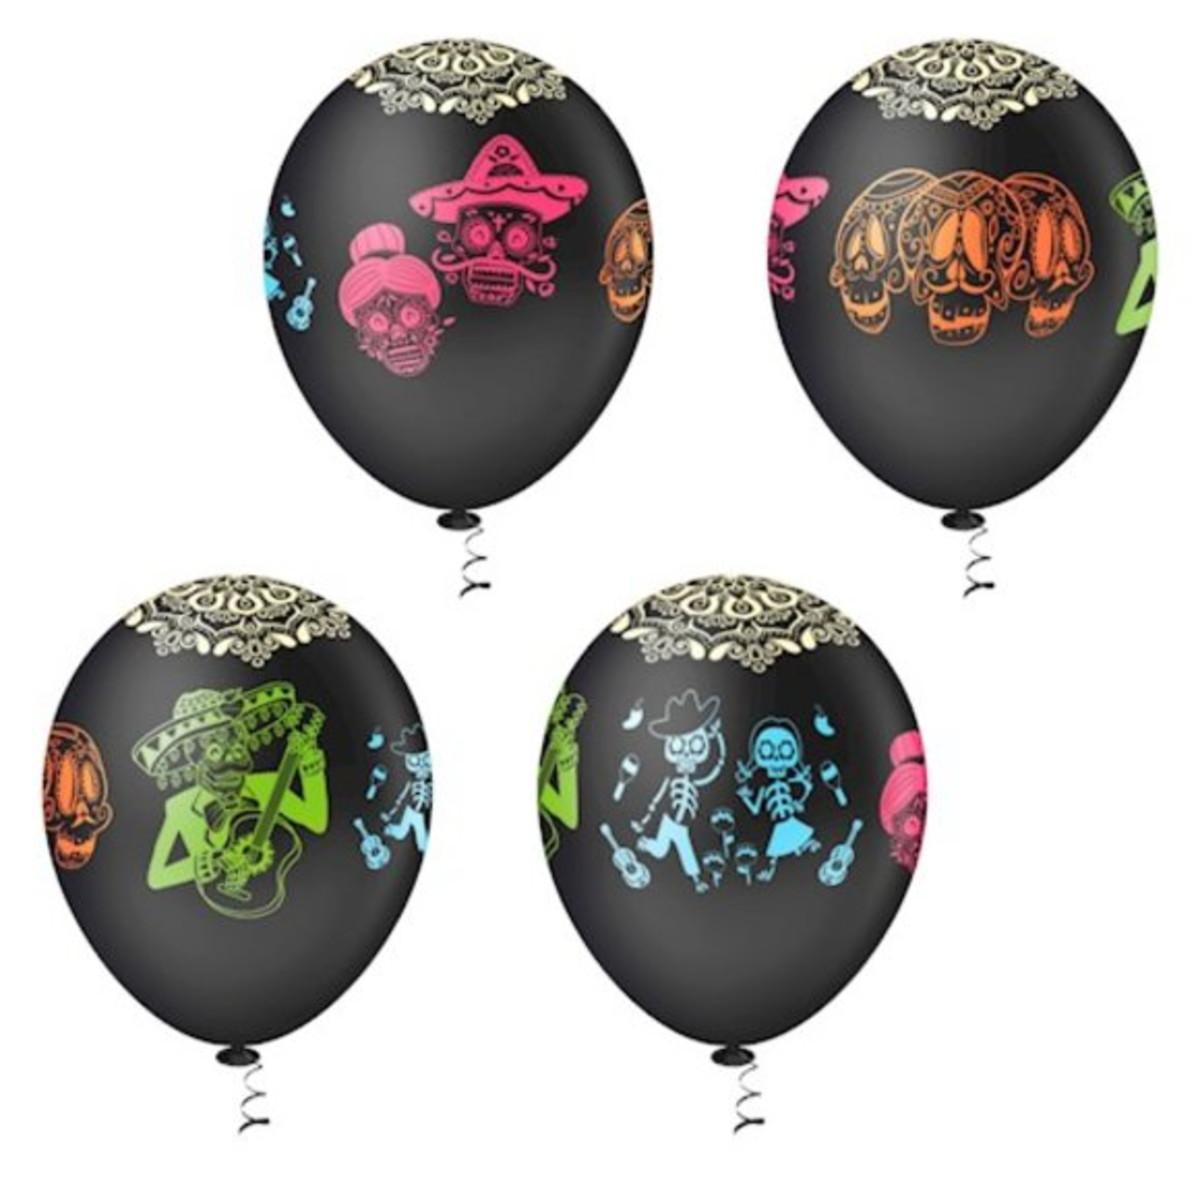 Balão Bola Bexiga Caveira Mexicana- Pct C  25 Balões no Elo7 ... 7a9861bebf6